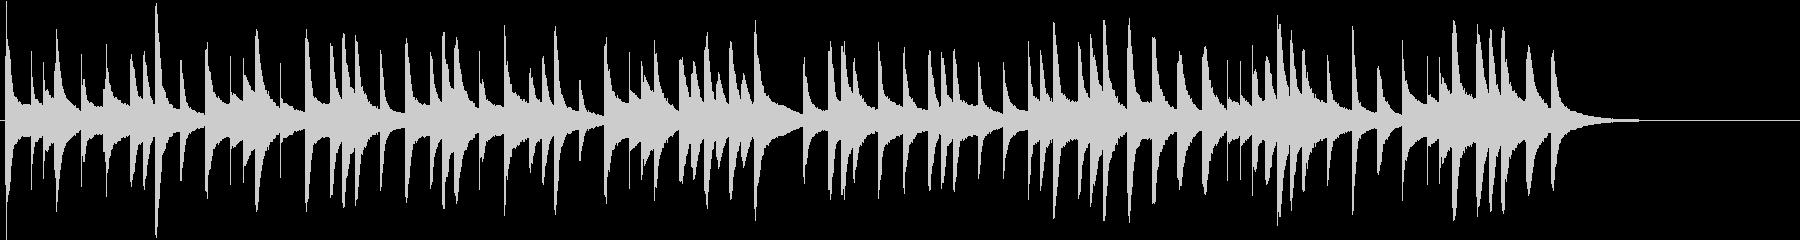 もみじの曲のオルゴール(シンセ)アレンジの未再生の波形